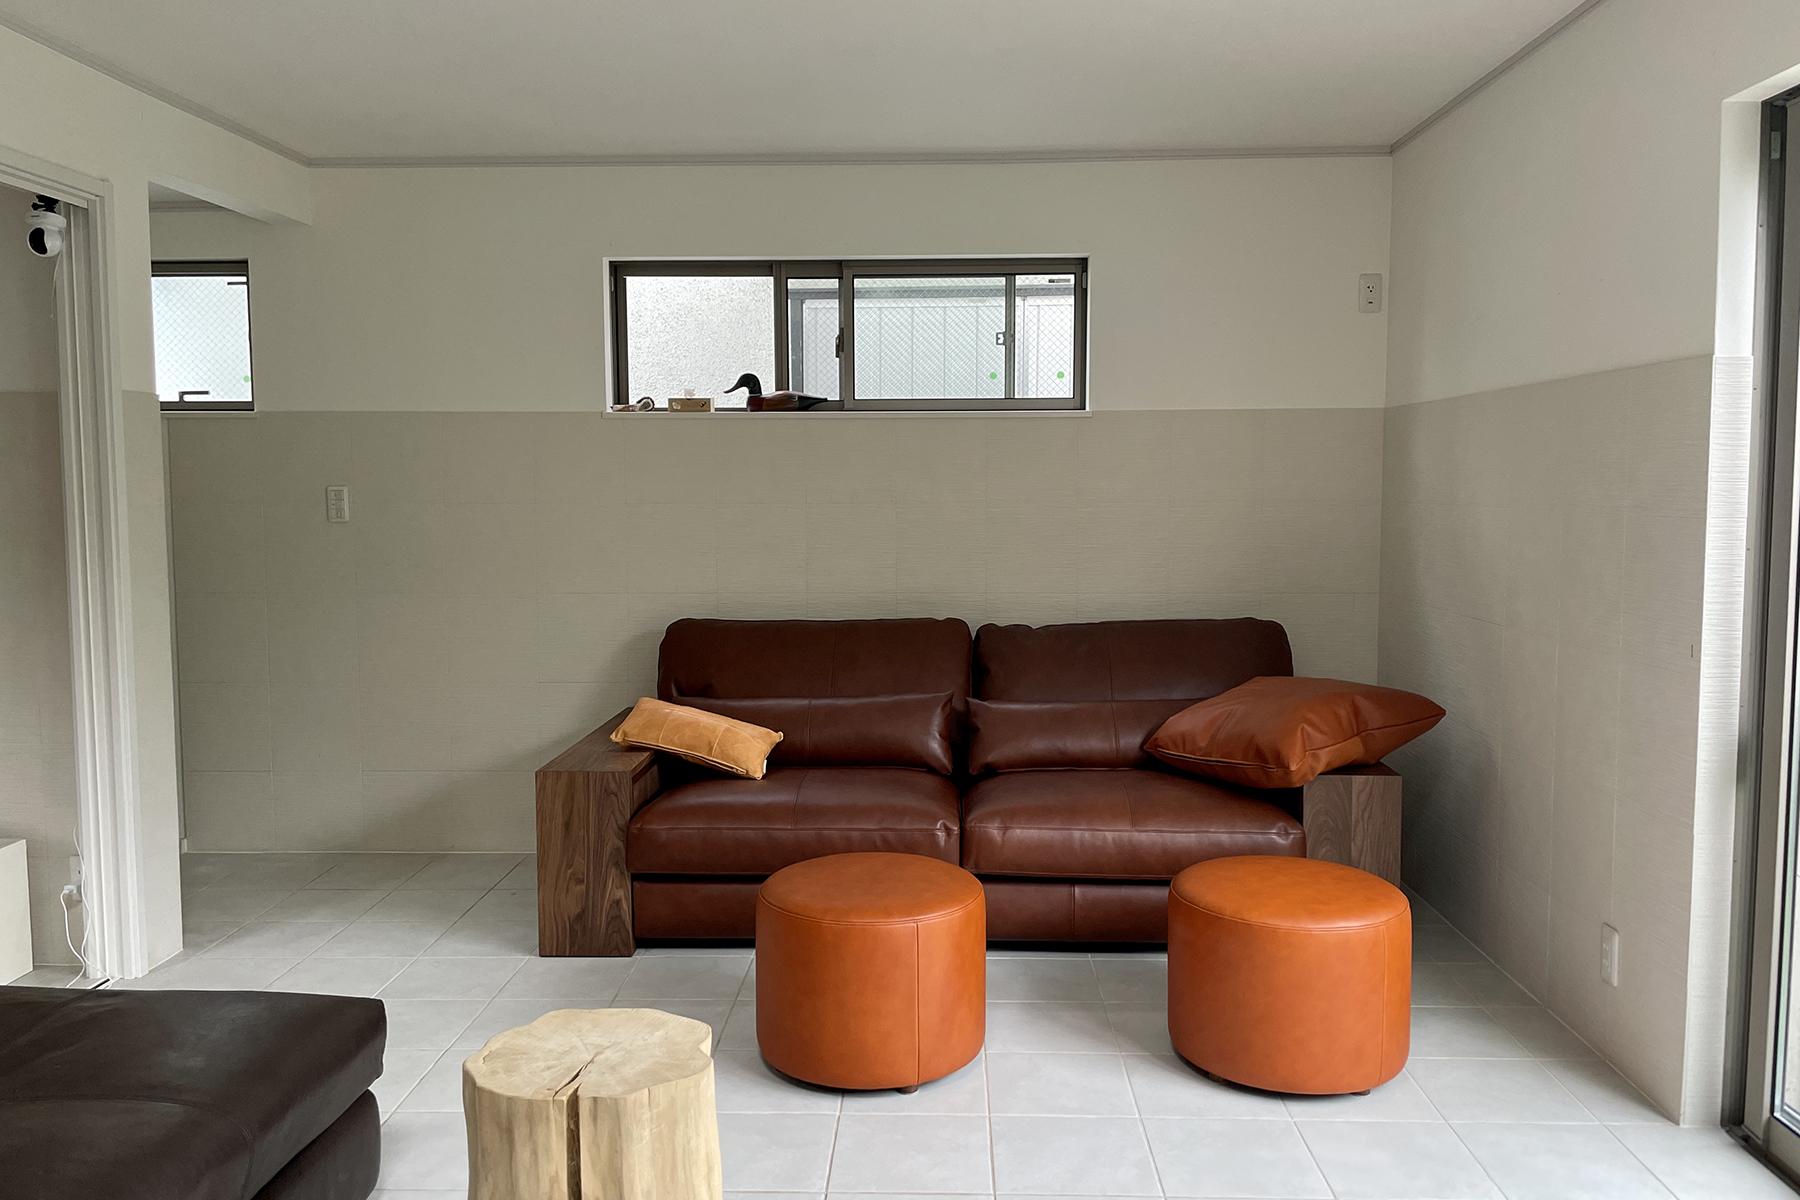 この部屋でゆったりと過ごしたい/KOKOROISHIソファのお客様の声